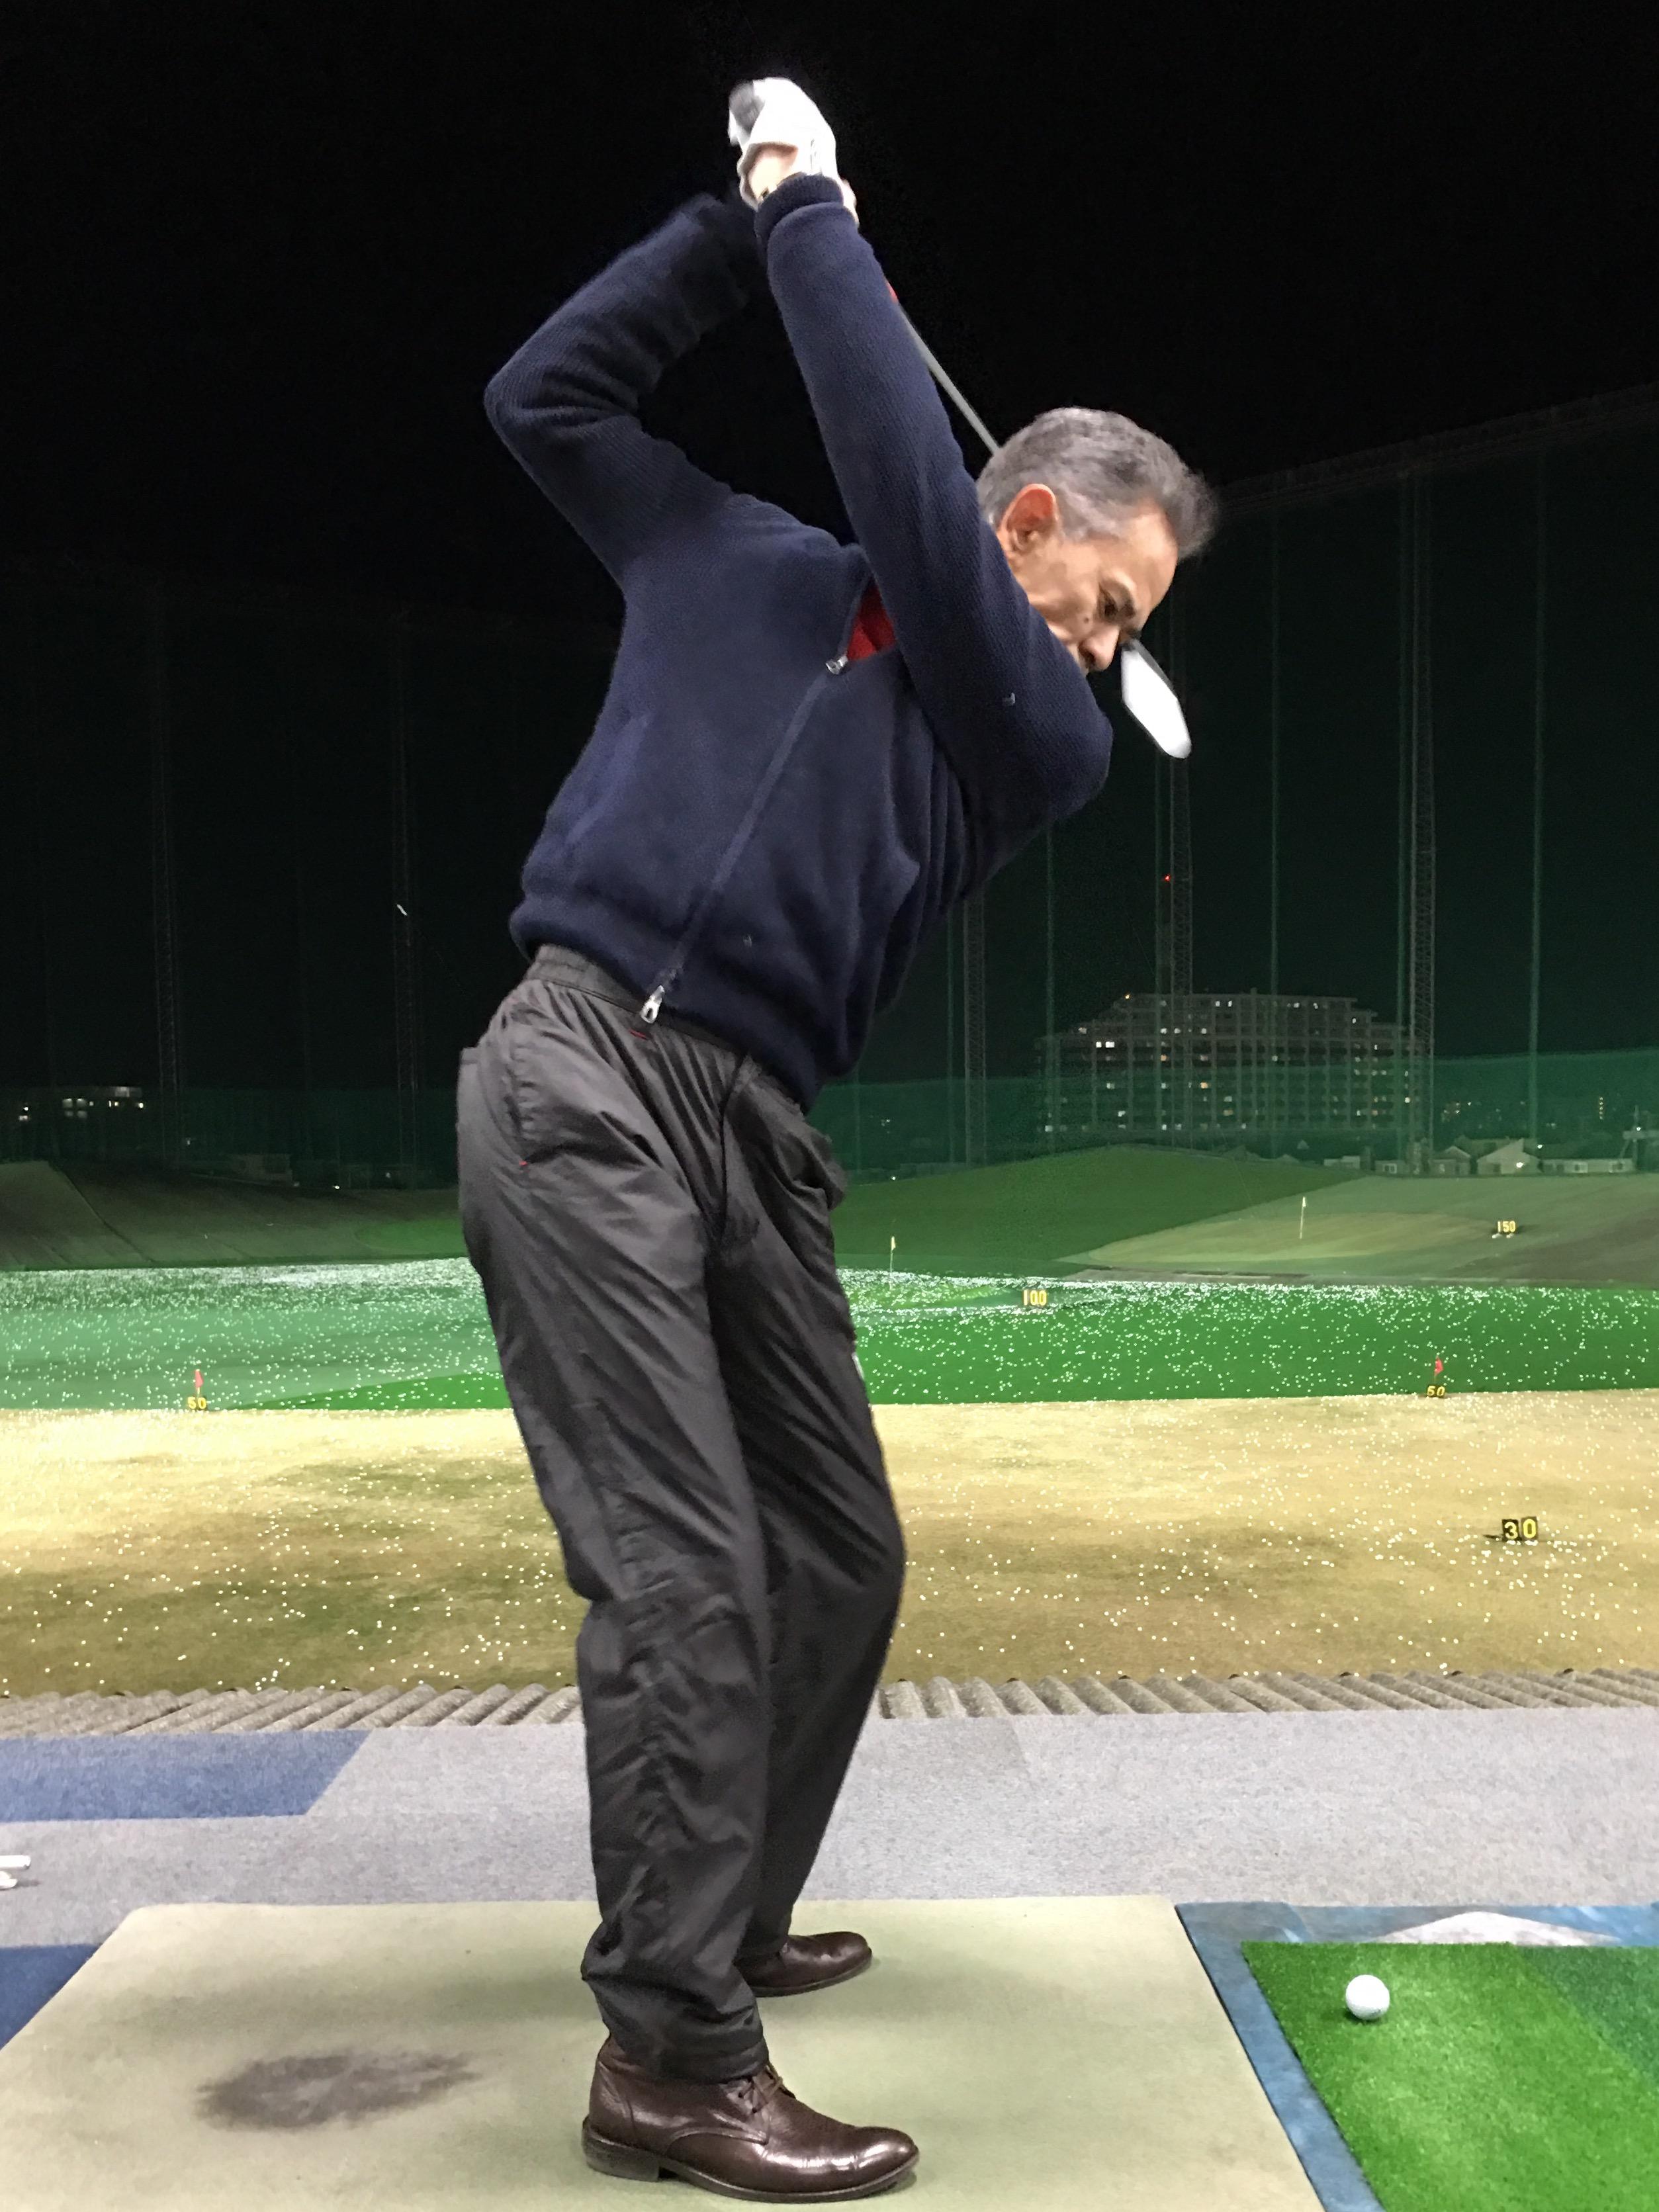 ゴルフレッスン⛳️ 身体とゴルフクラブの関係が一定です